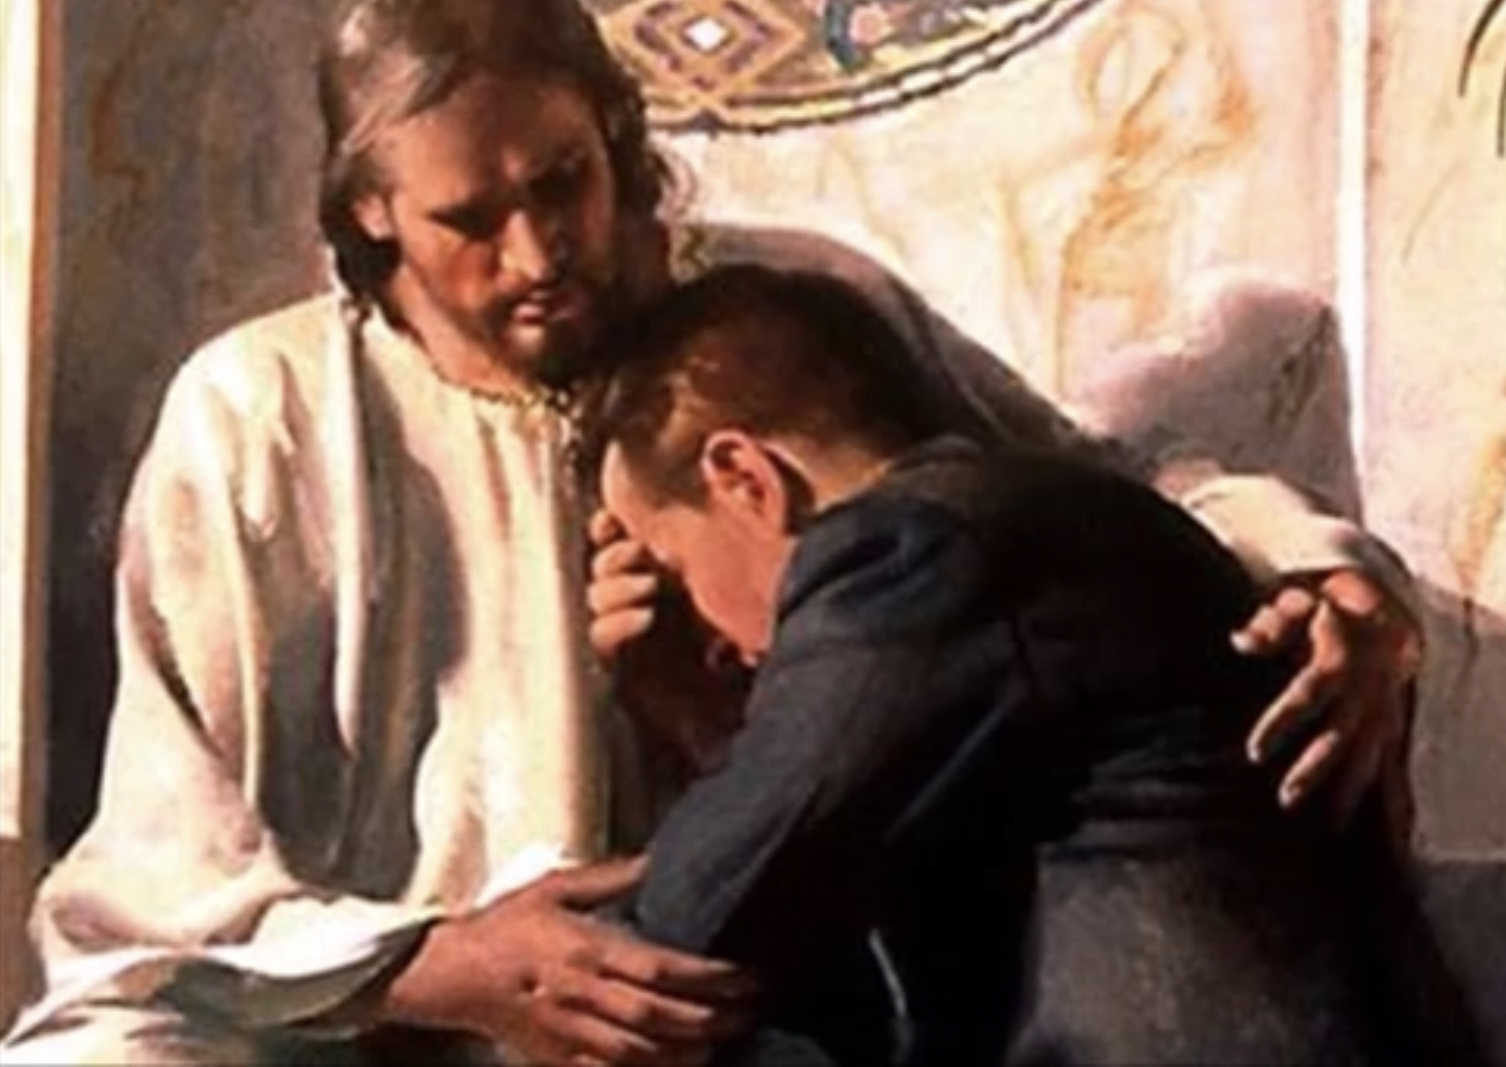 """El sacramento de la Confesión es la clave para entrar en el Reino de los Cielos. Jesús le dice a Pedro: """"A ti te daré la llave del Reino de los Cielos"""